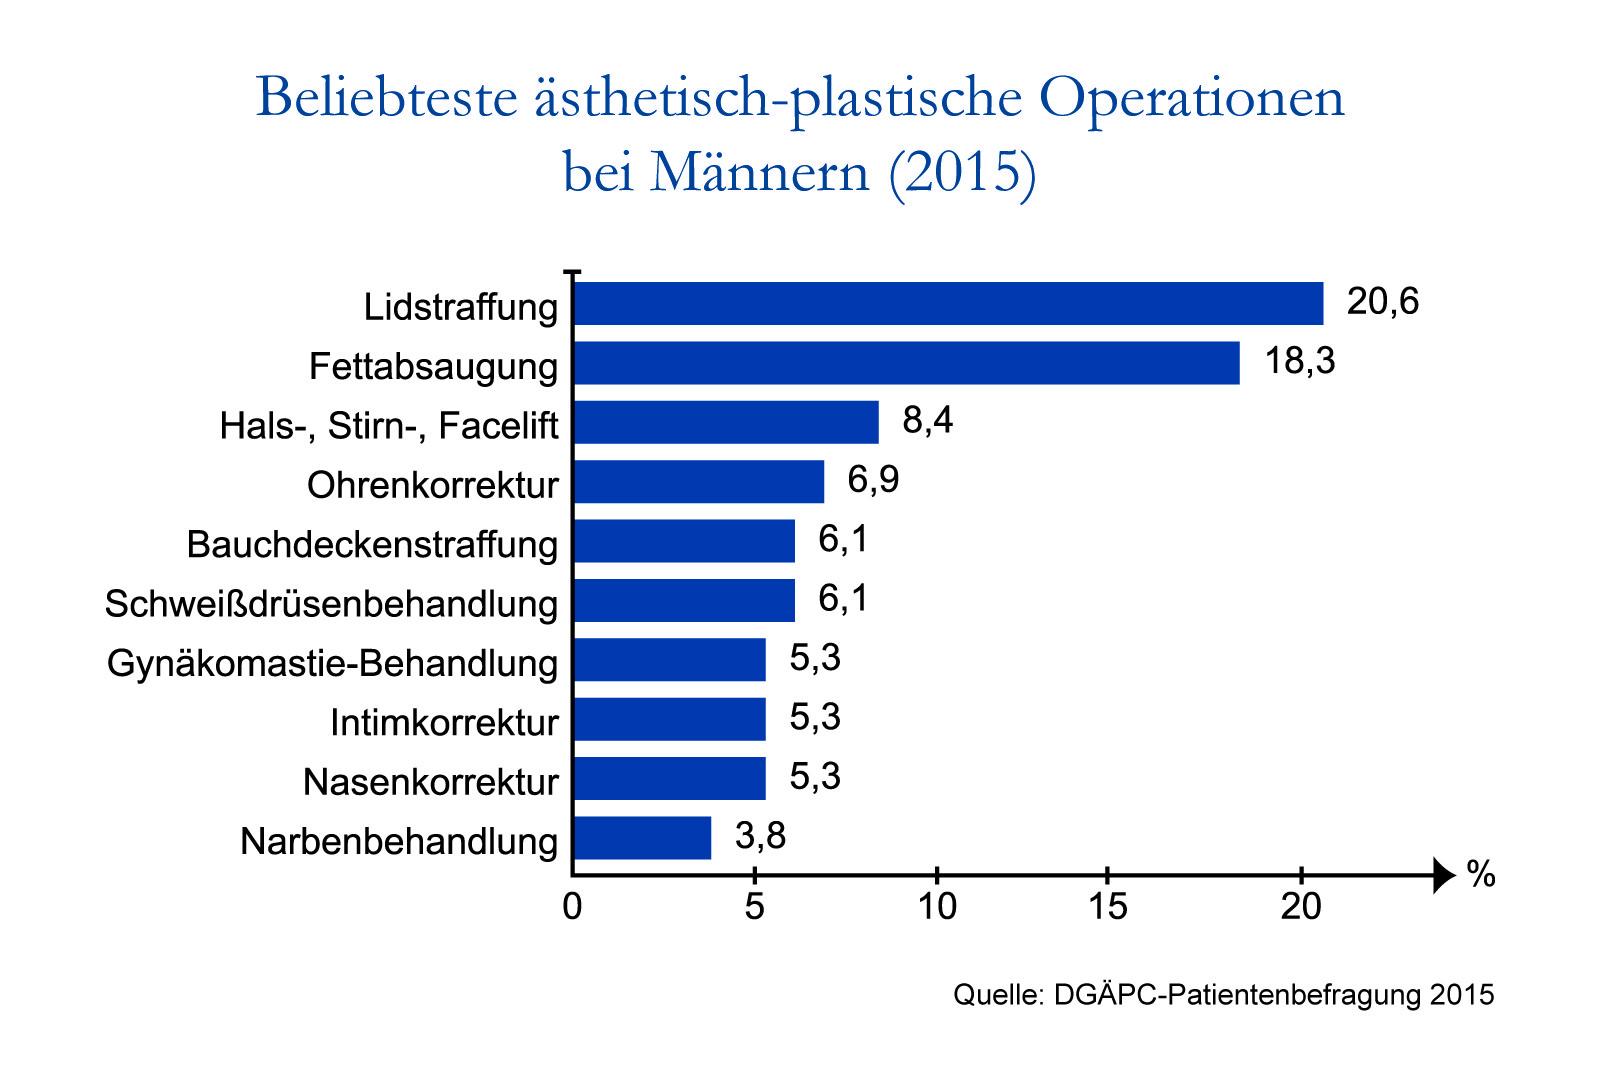 DGÄPC-Statistik der beliebtesten ästhetisch-plastischen Operationen bei männlichen Patienten.